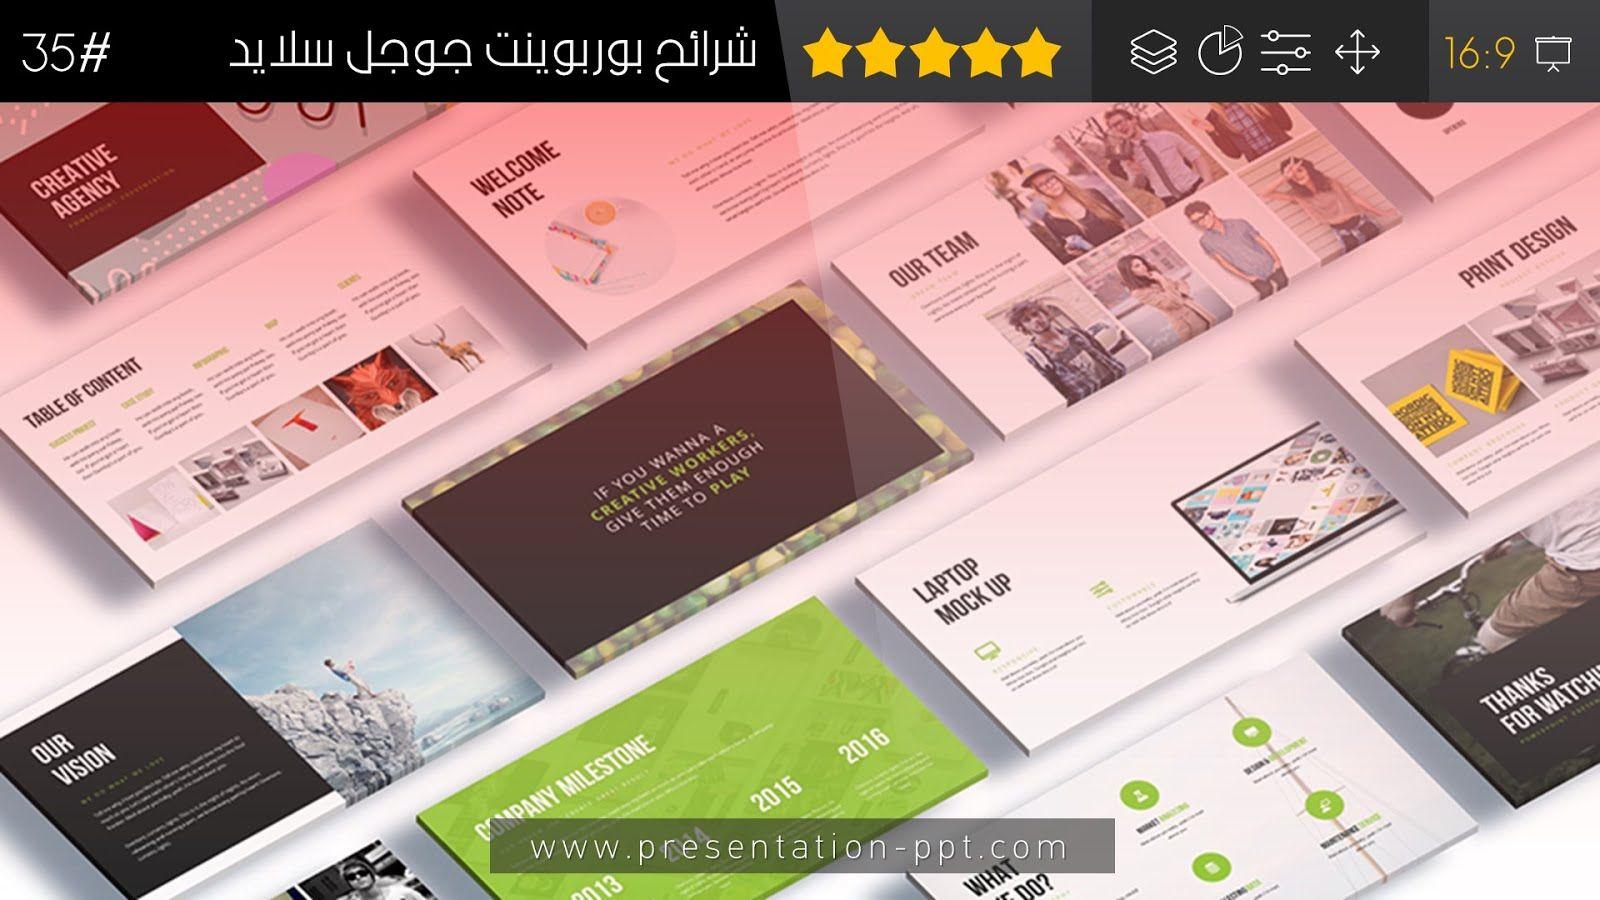 مجموعة شرائح بوربوينت متحركة من جوجل سلايد Infographic Design Template Powerpoint Presentation Templates Powerpoint Presentation